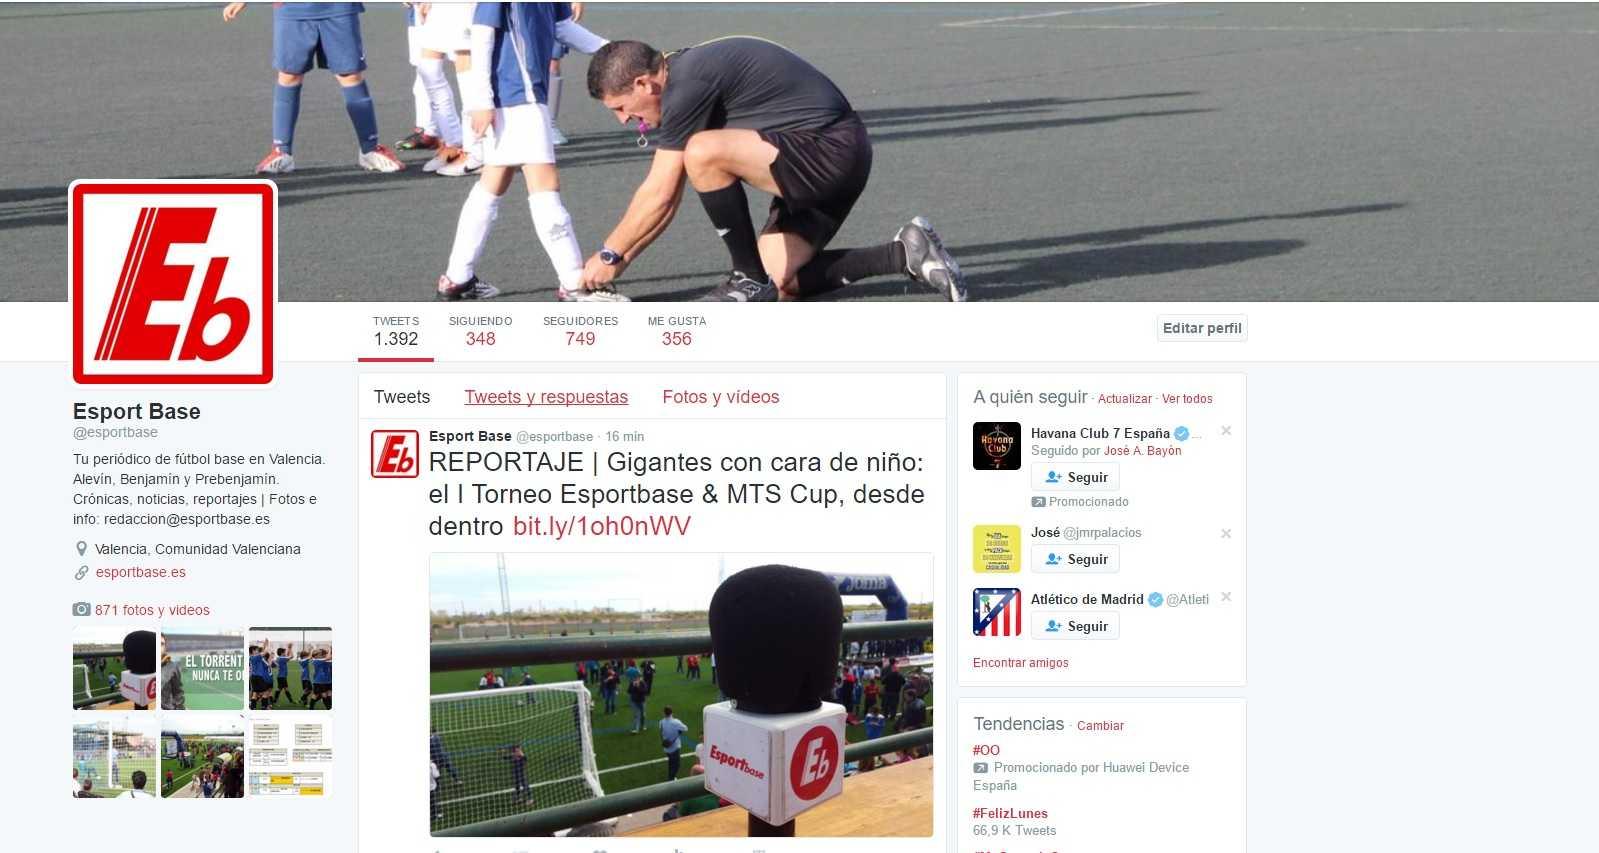 Cuenta oficial de Twitter @esportbase